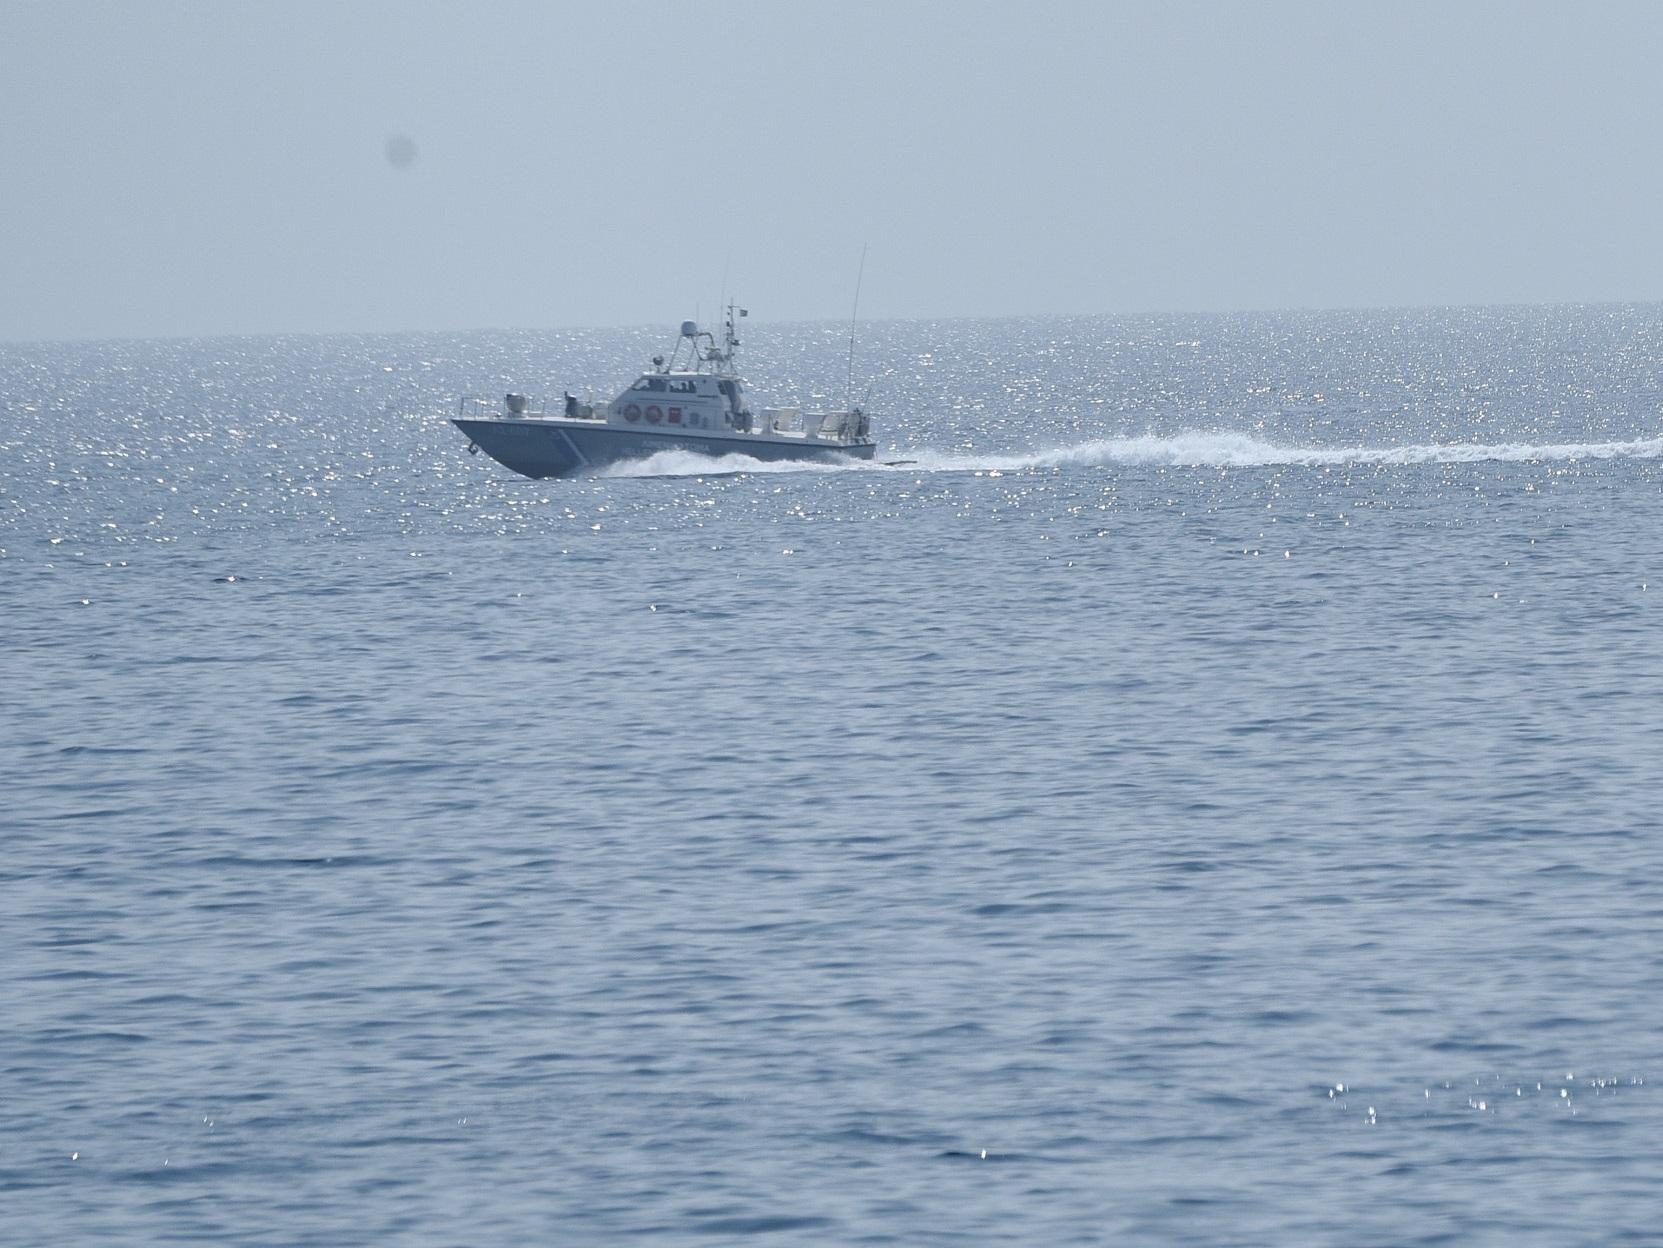 Πύλος: Σήμα κινδύνου από ιστιοφόρο – Σκάφη του λιμενικού και παραπλέοντα στη μεγάλη επιχείρηση!